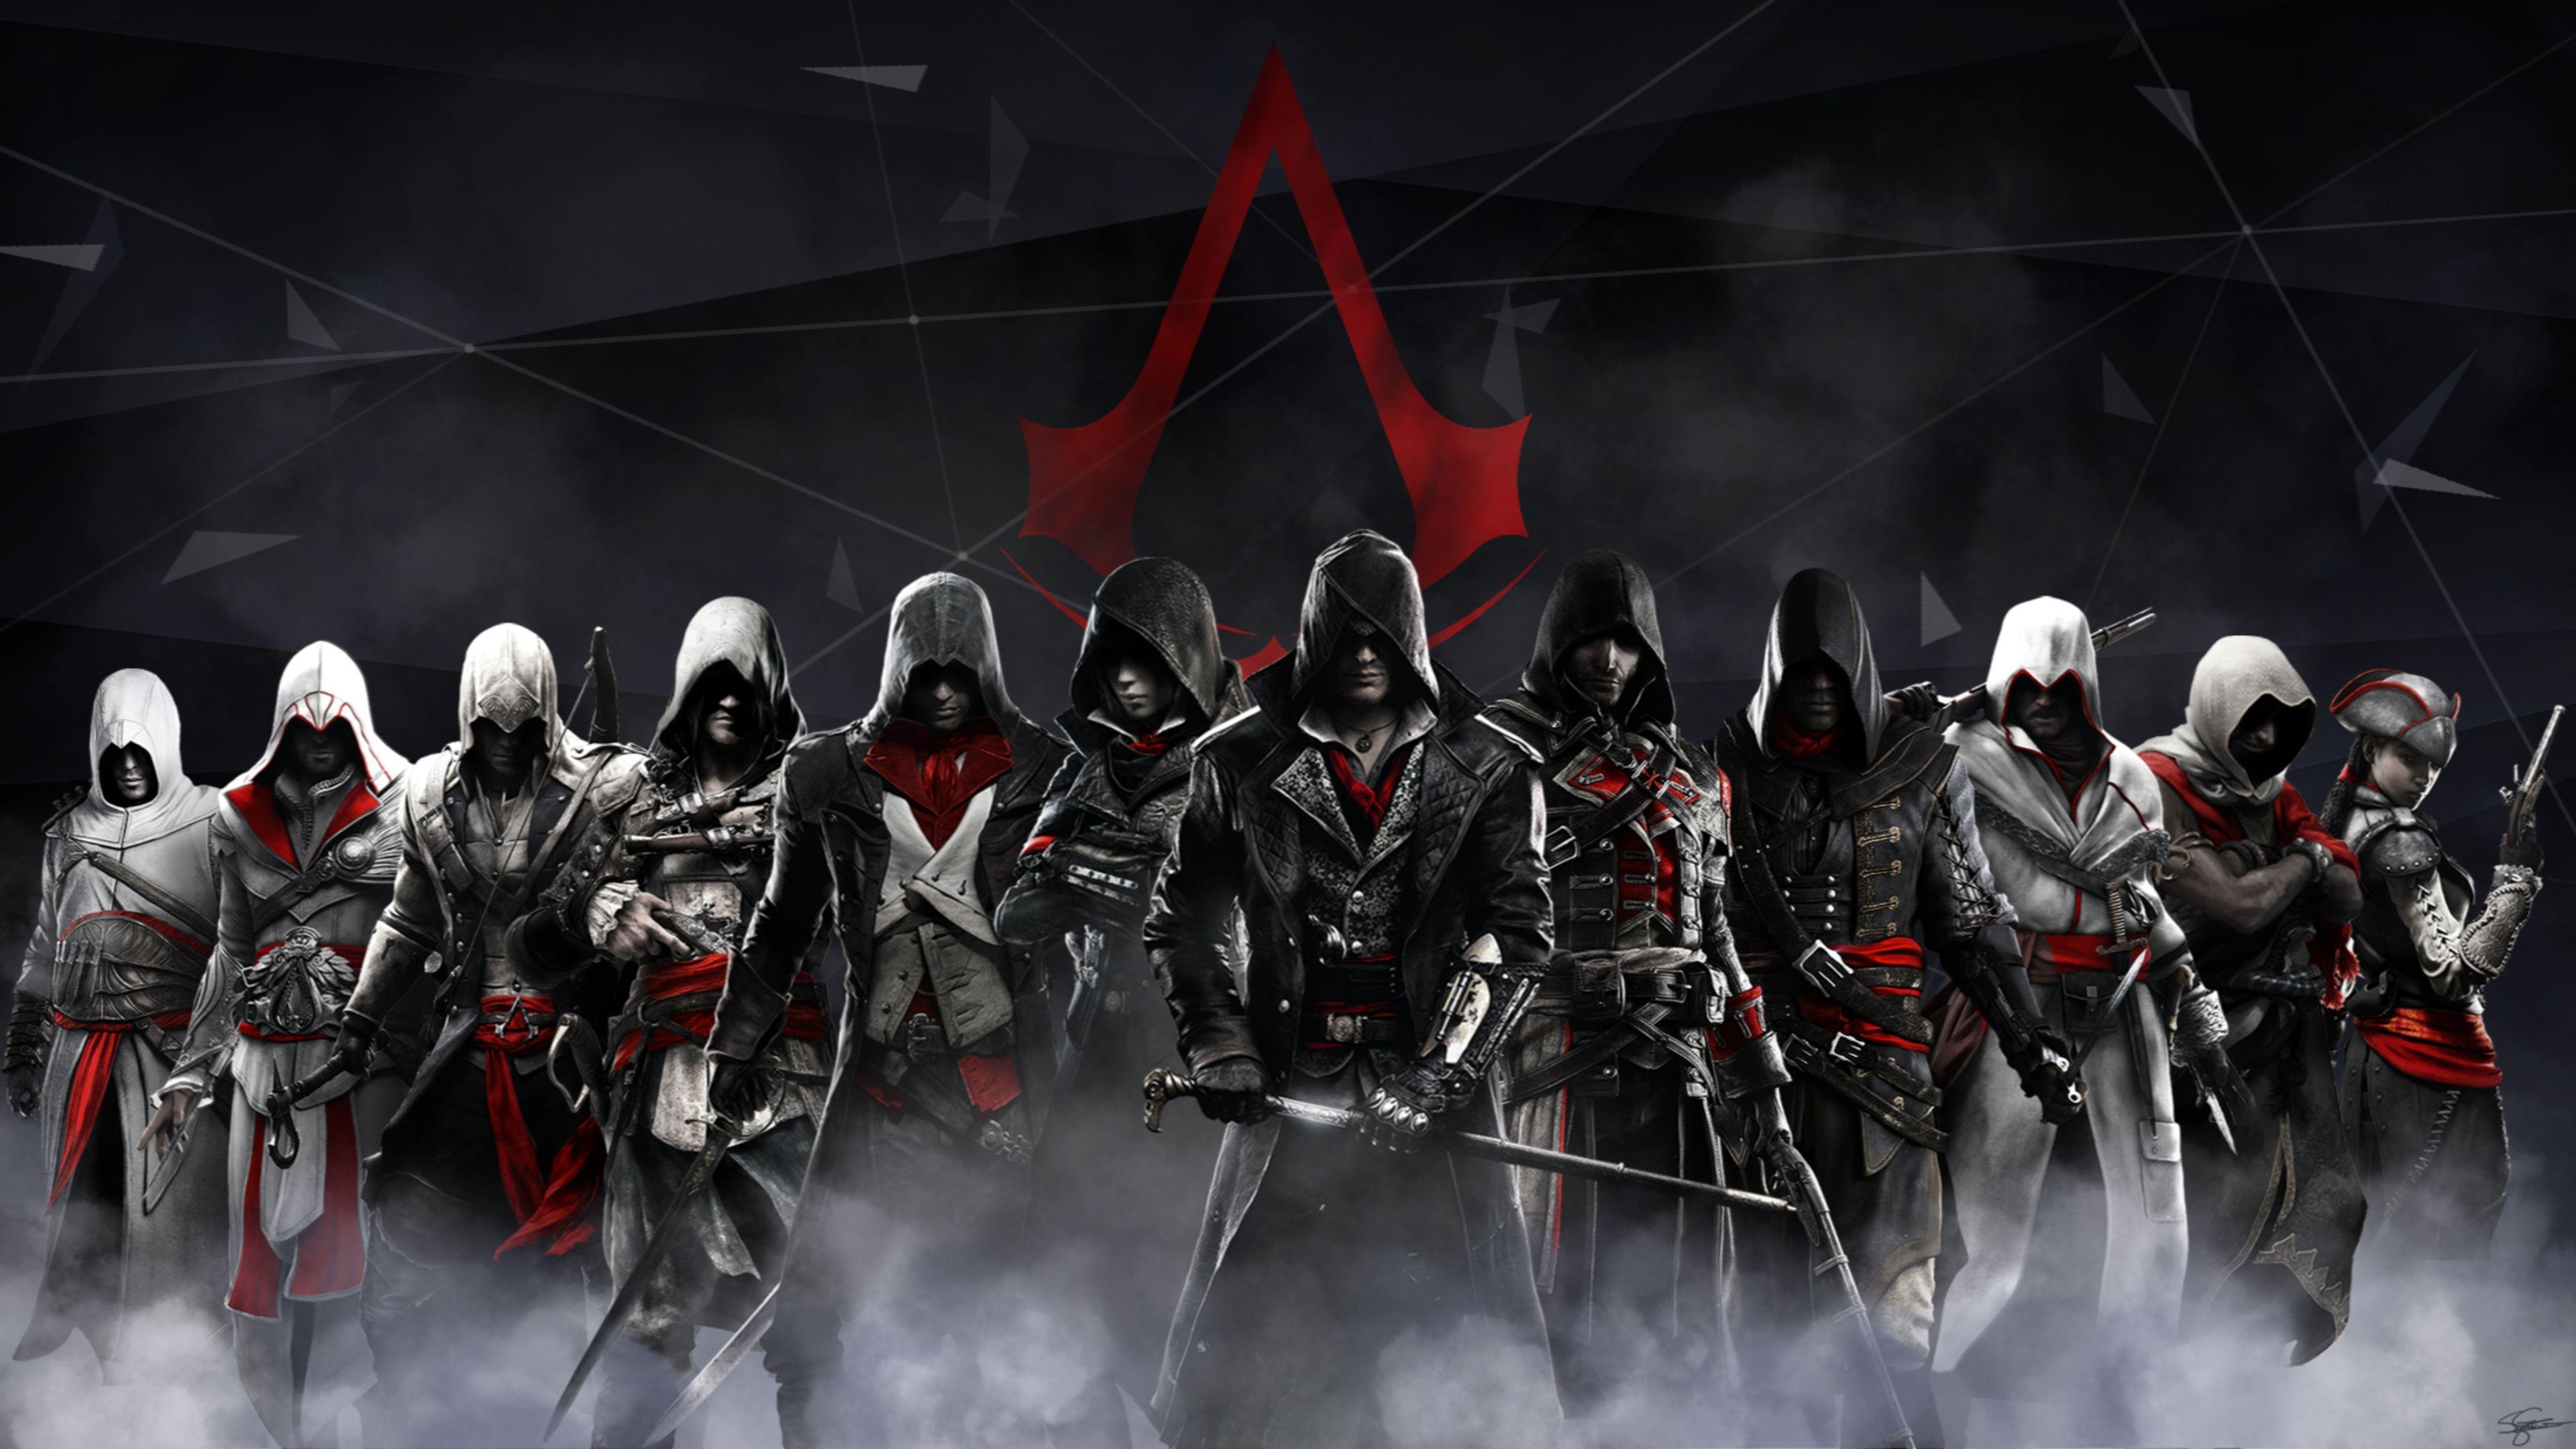 Assassins Creed Syndicate 4k Logo Wallpaper Assassins